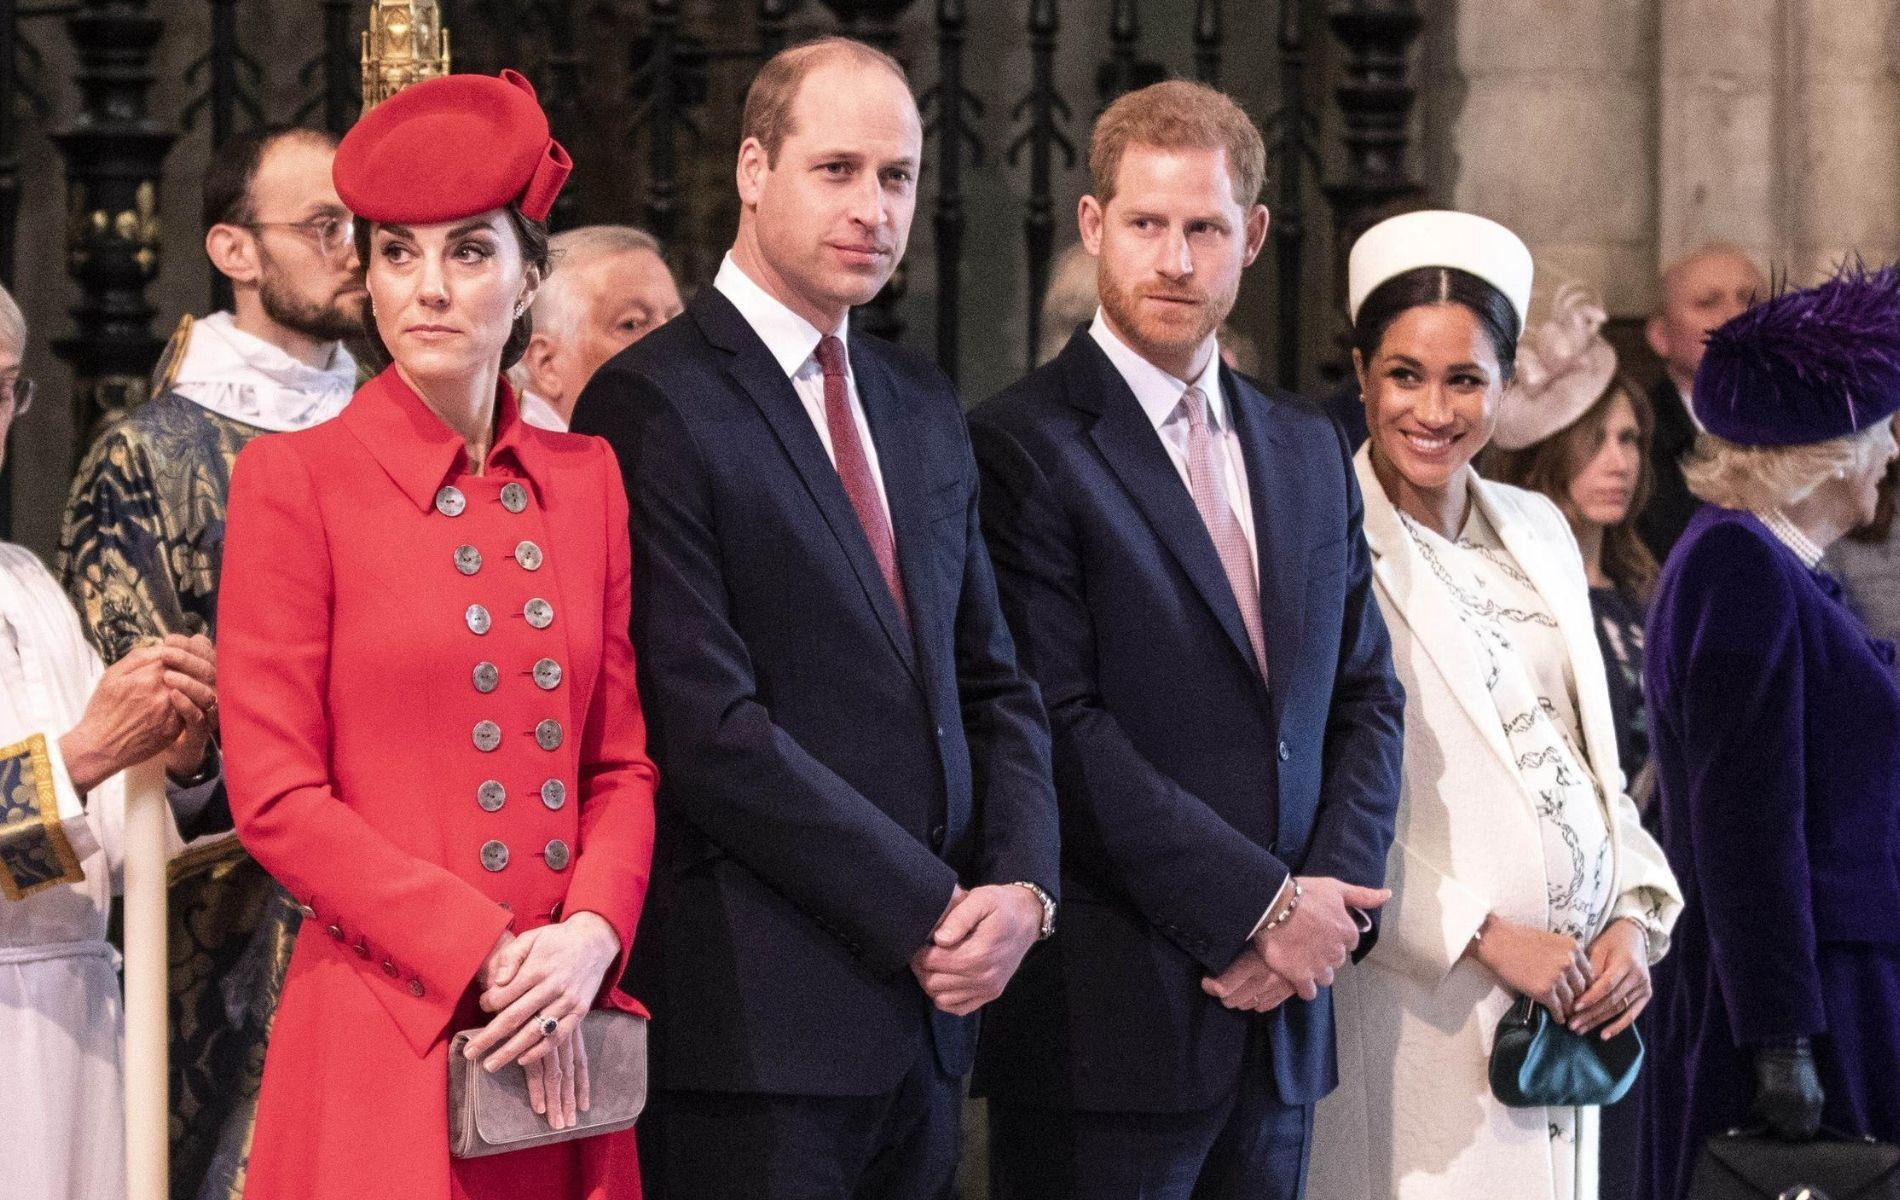 Le prince Harry et Meghan Markle étaient jaloux des Cambridge, clame une nouvelle biographie